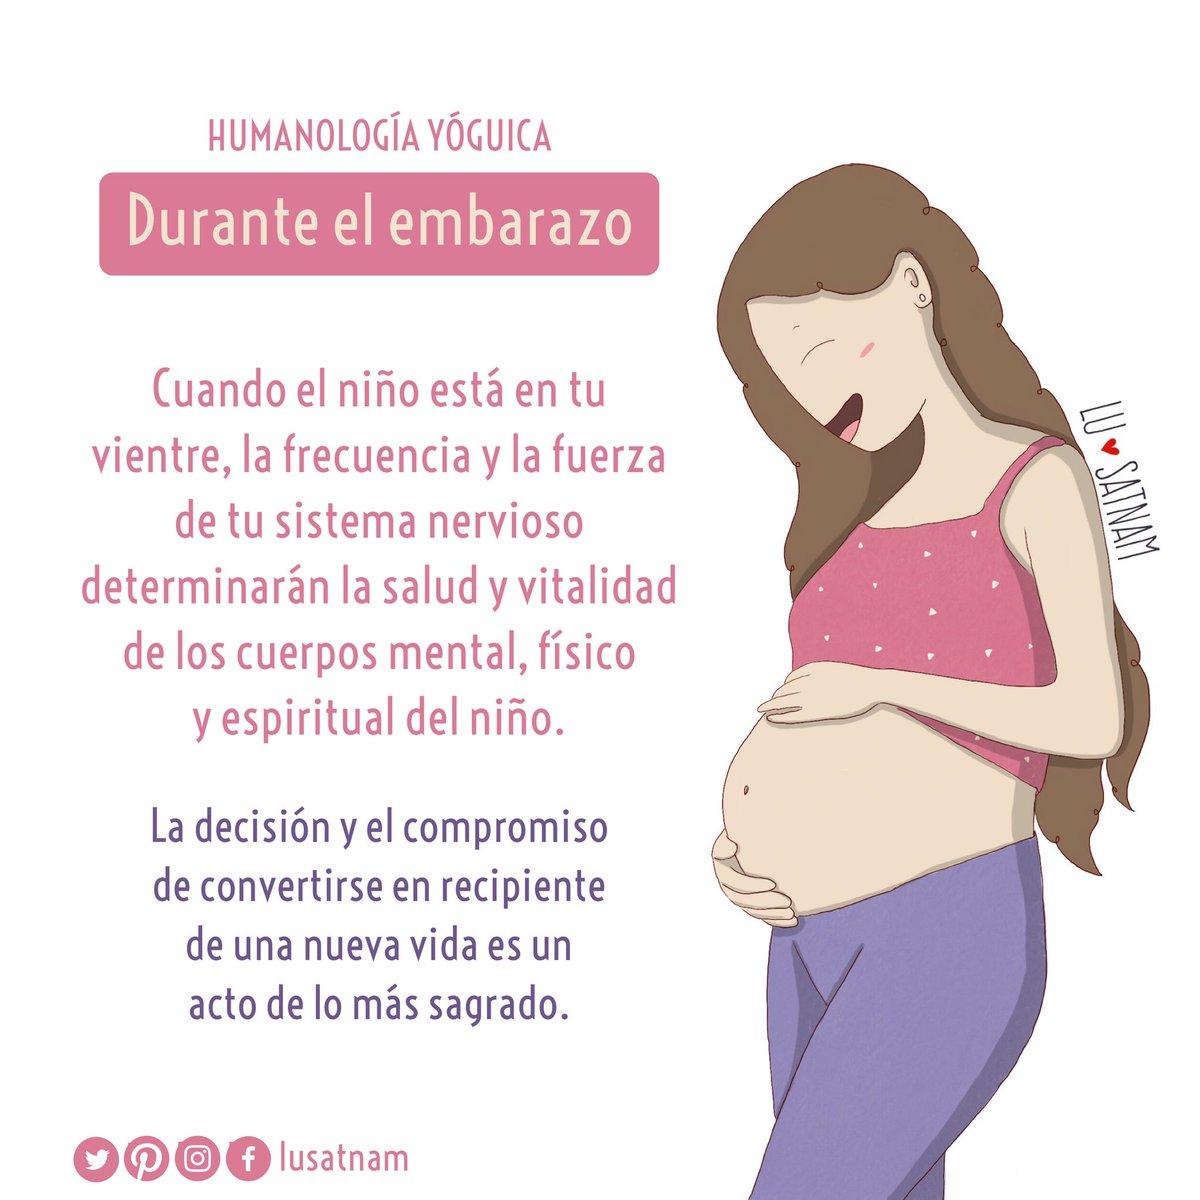 Resultado de imagen de embarazo ilustración kundalini yoga